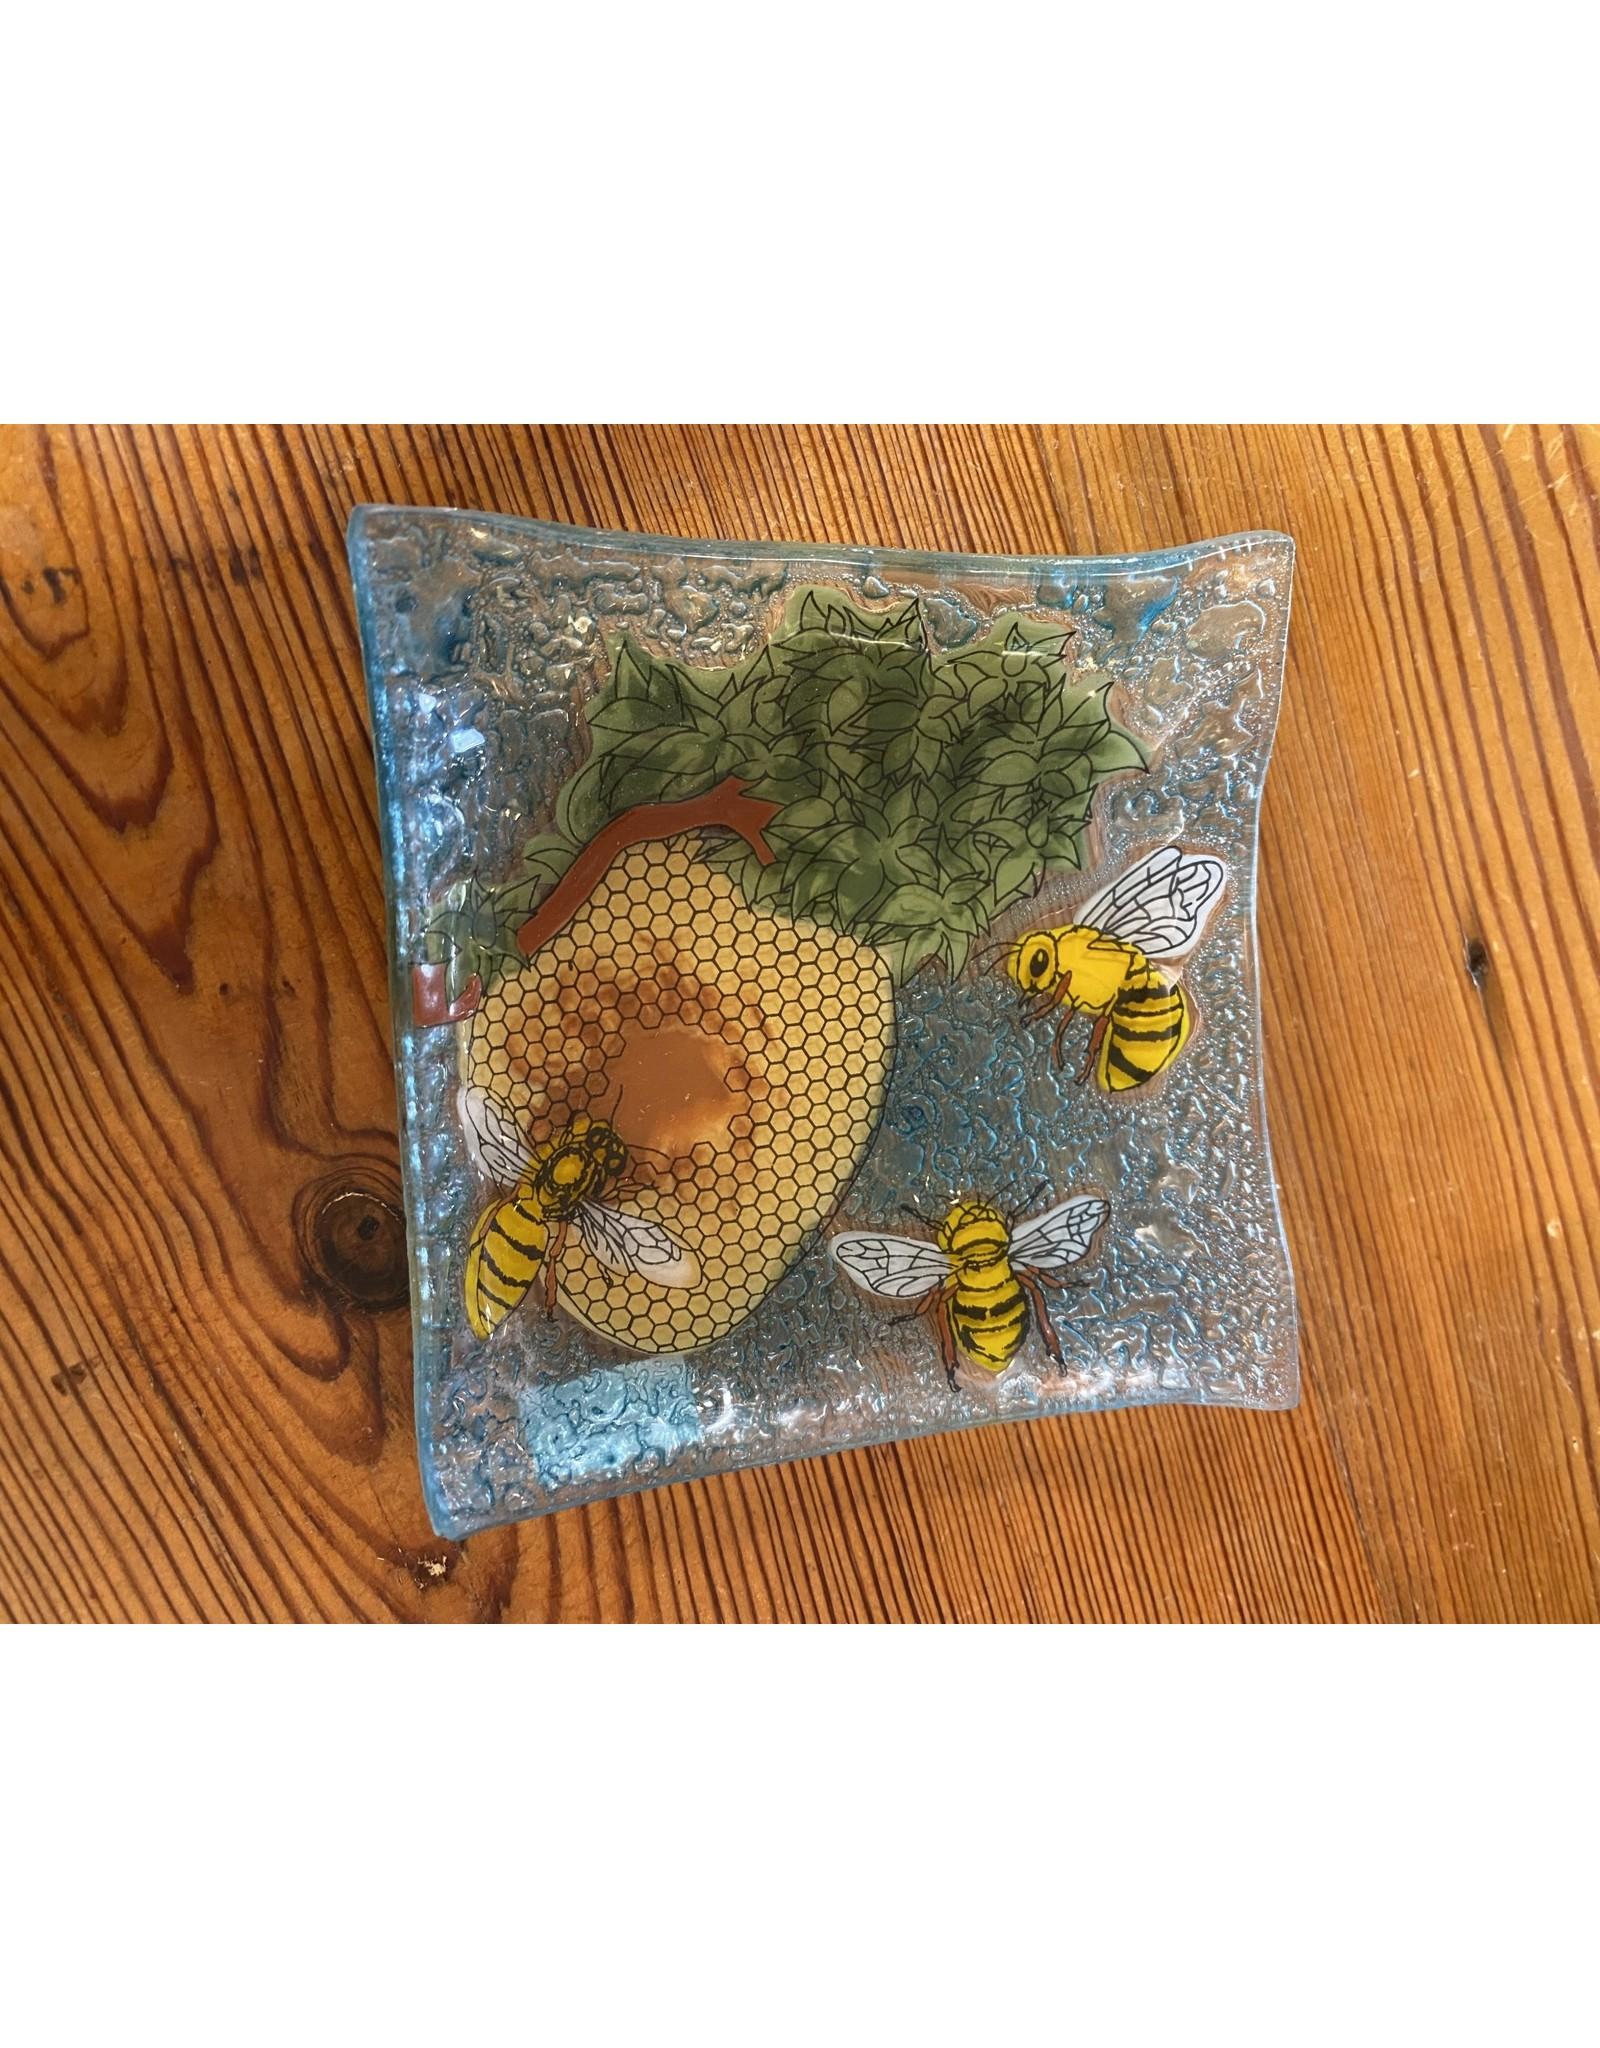 Hand Blown  Small Square Glass Dish, Bees Scene, Ecuador